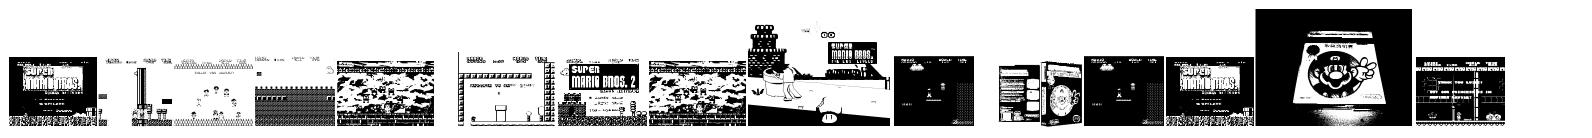 Super Mario Lost!